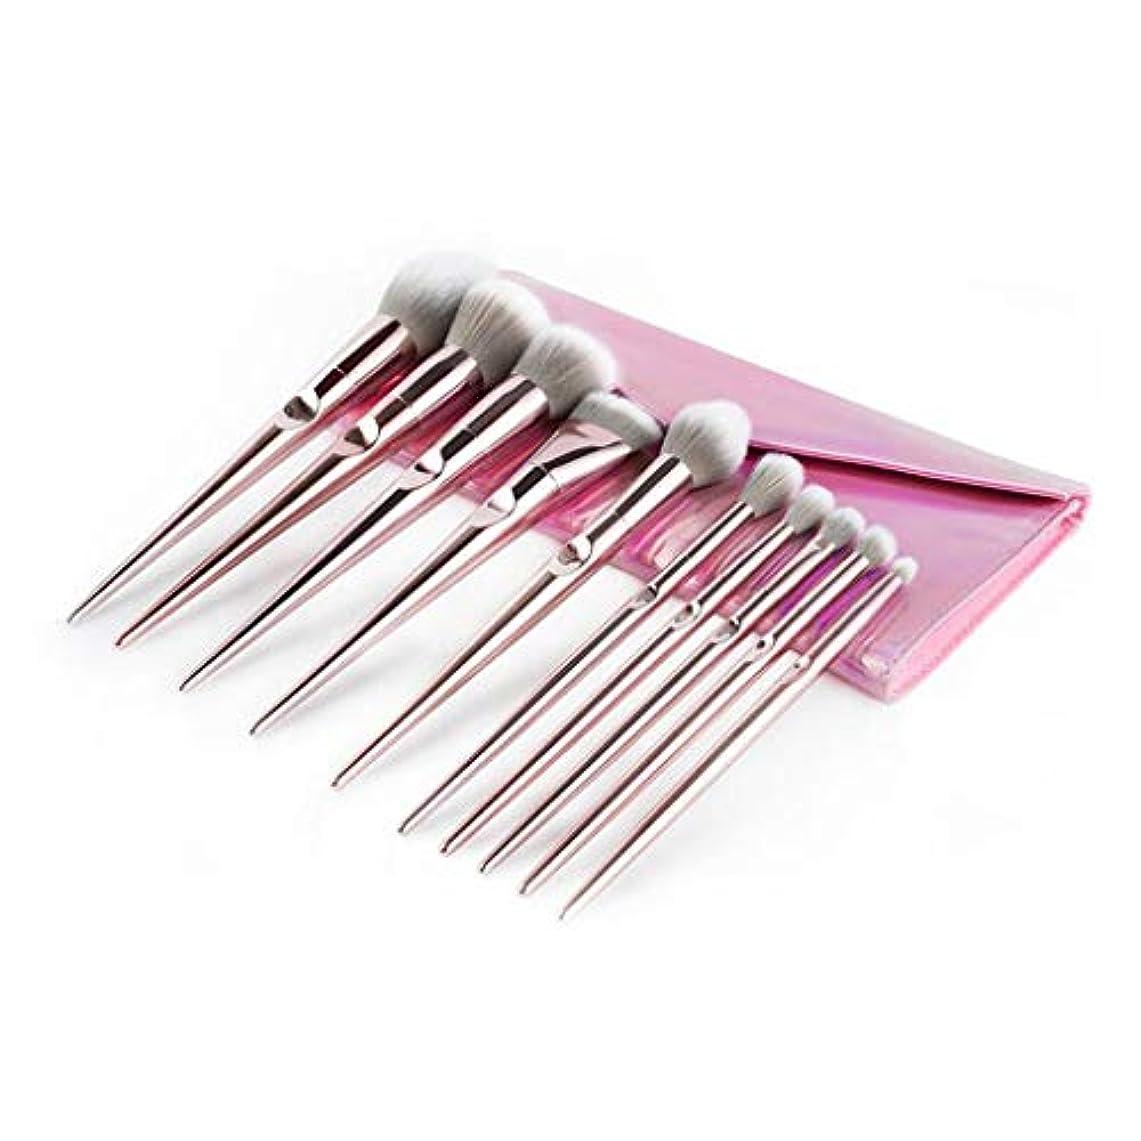 部屋を掃除するハンマー能力10ライトピンク化粧ブラシセットブラッシュブラシアイシャドウブラシ